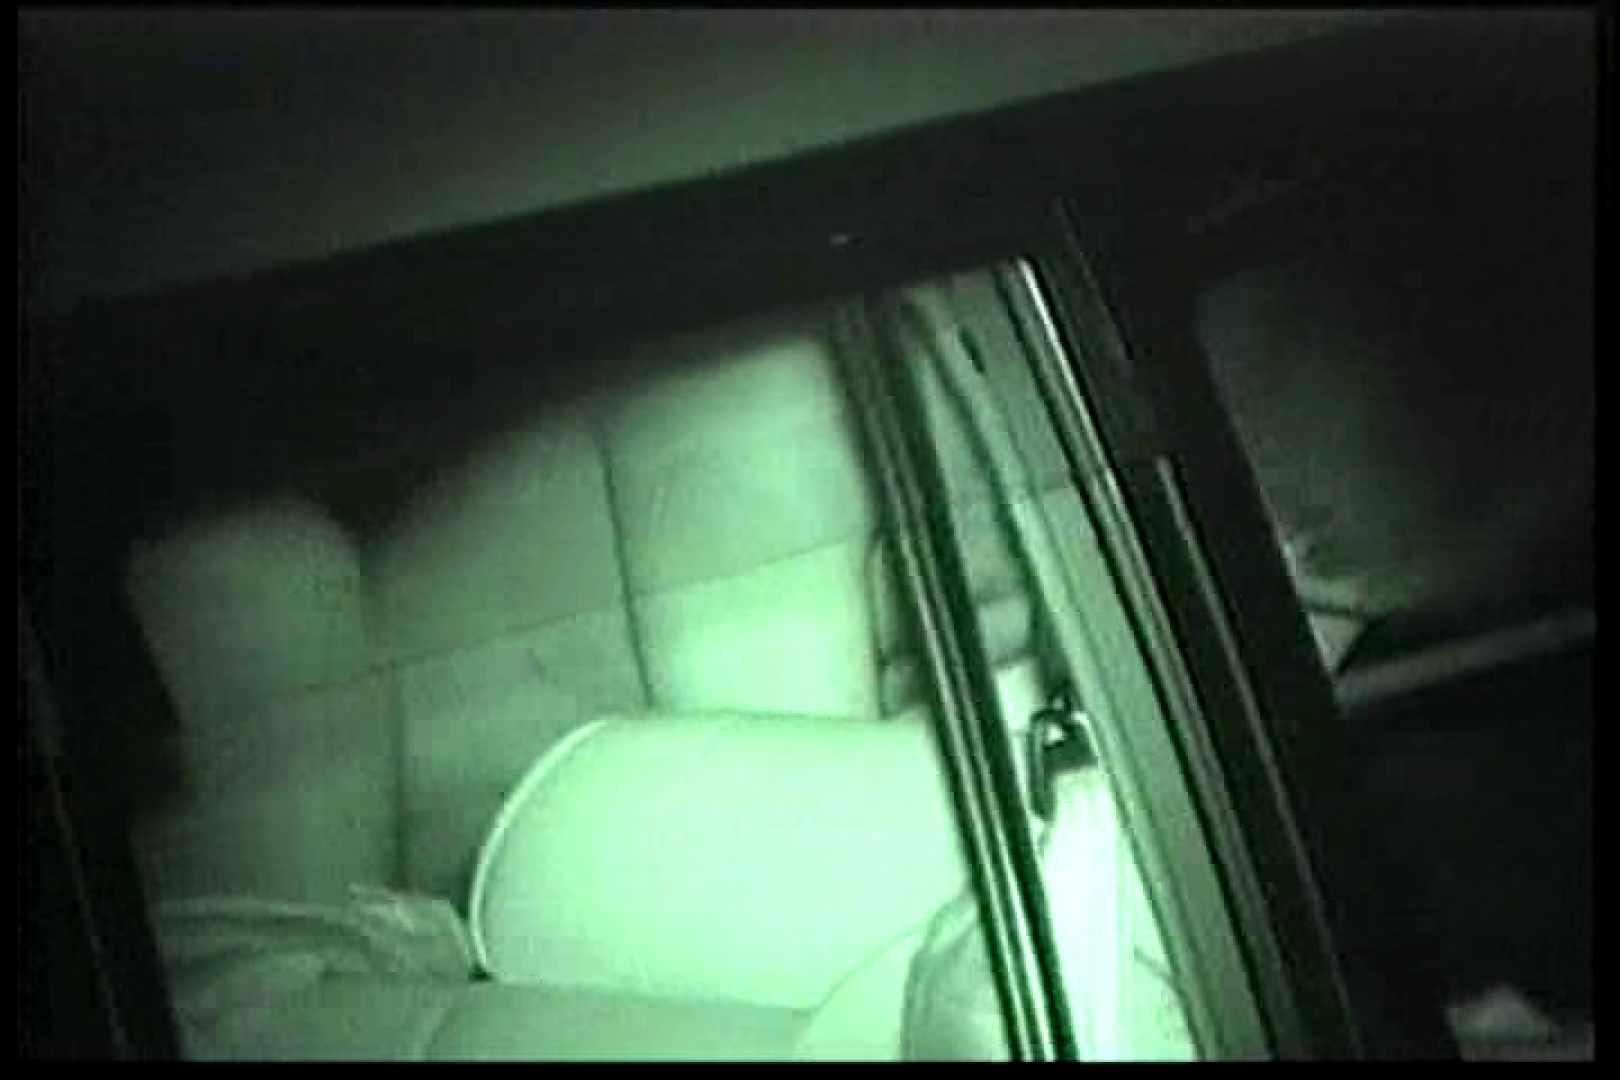 車の中はラブホテル 無修正版  Vol.11 すけべなOL ヌード画像 86画像 34